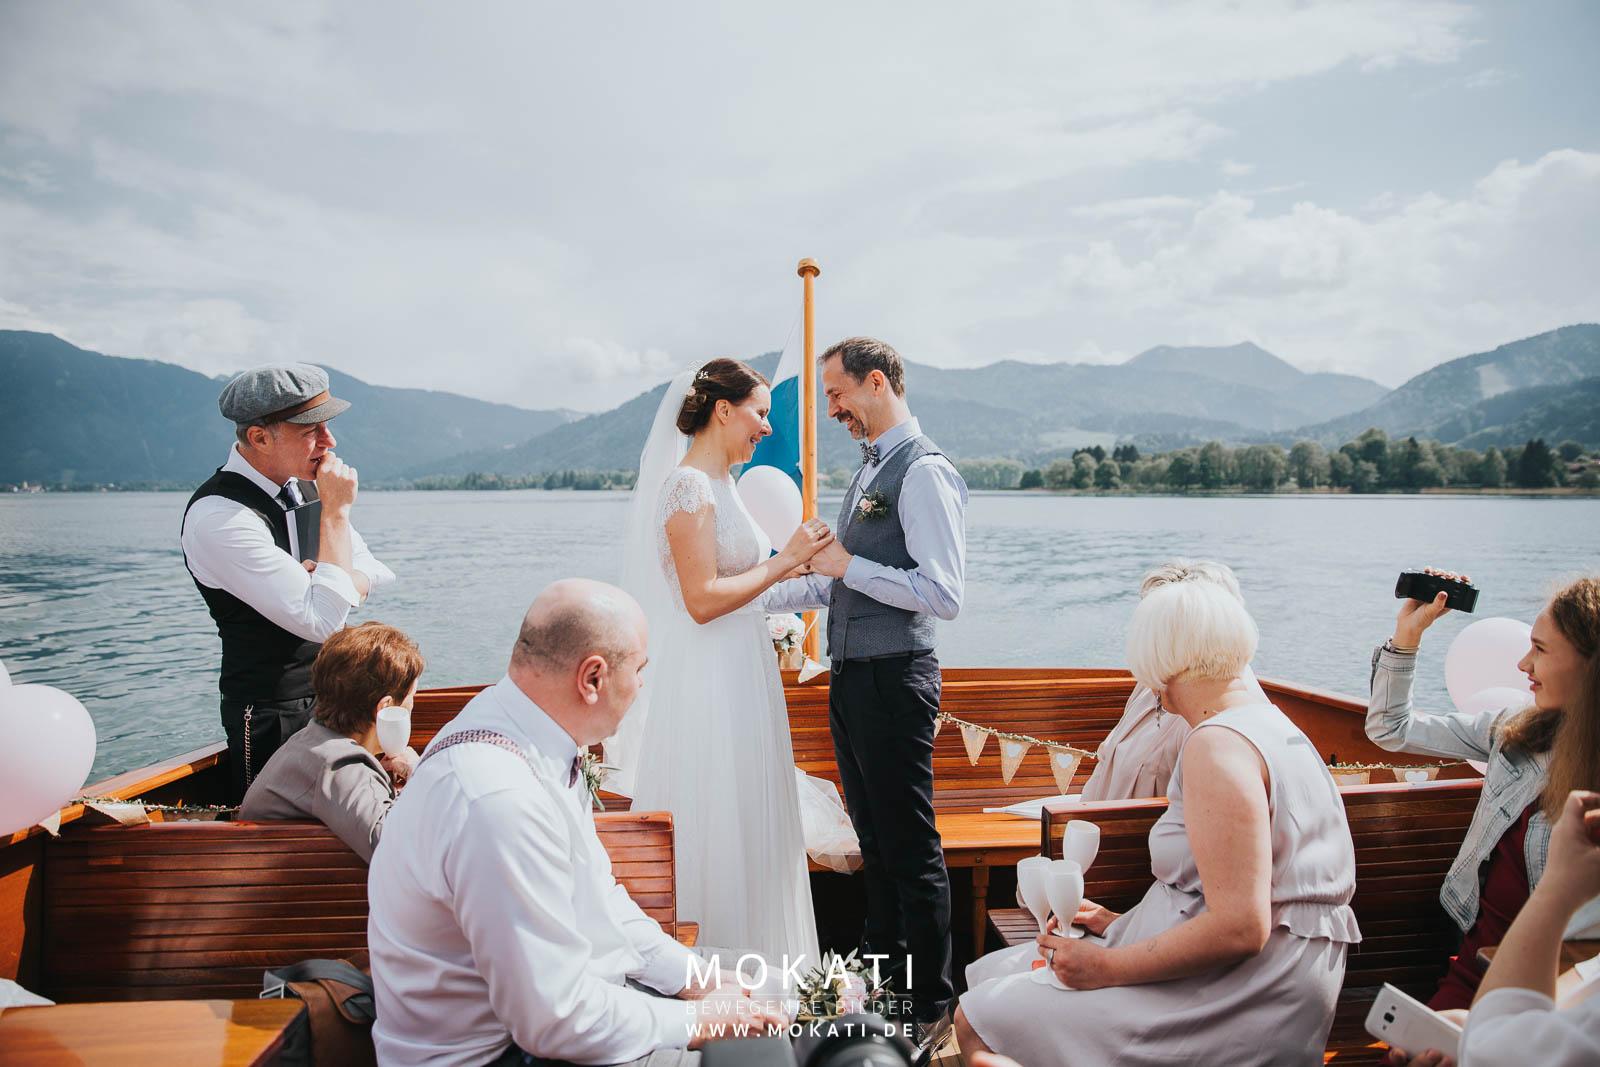 Frei Trauung auf einem Boot auf dem Chiemsee mit Strauss und Fliege